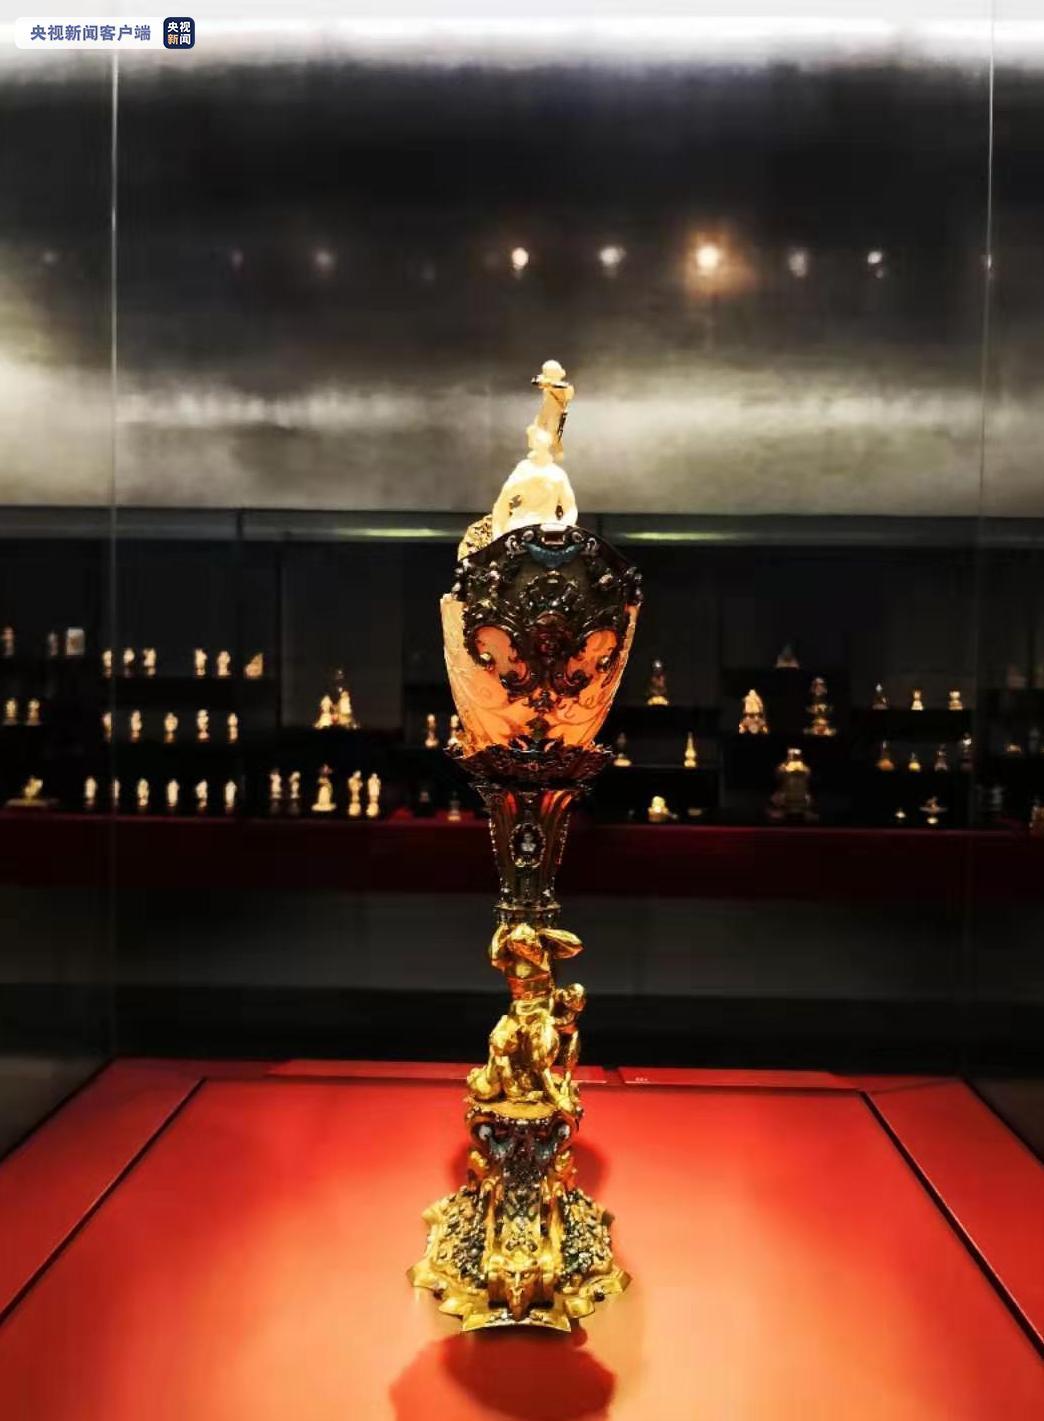 德国德累斯顿王宫绿穹珍宝馆3套18世纪钻石被盗